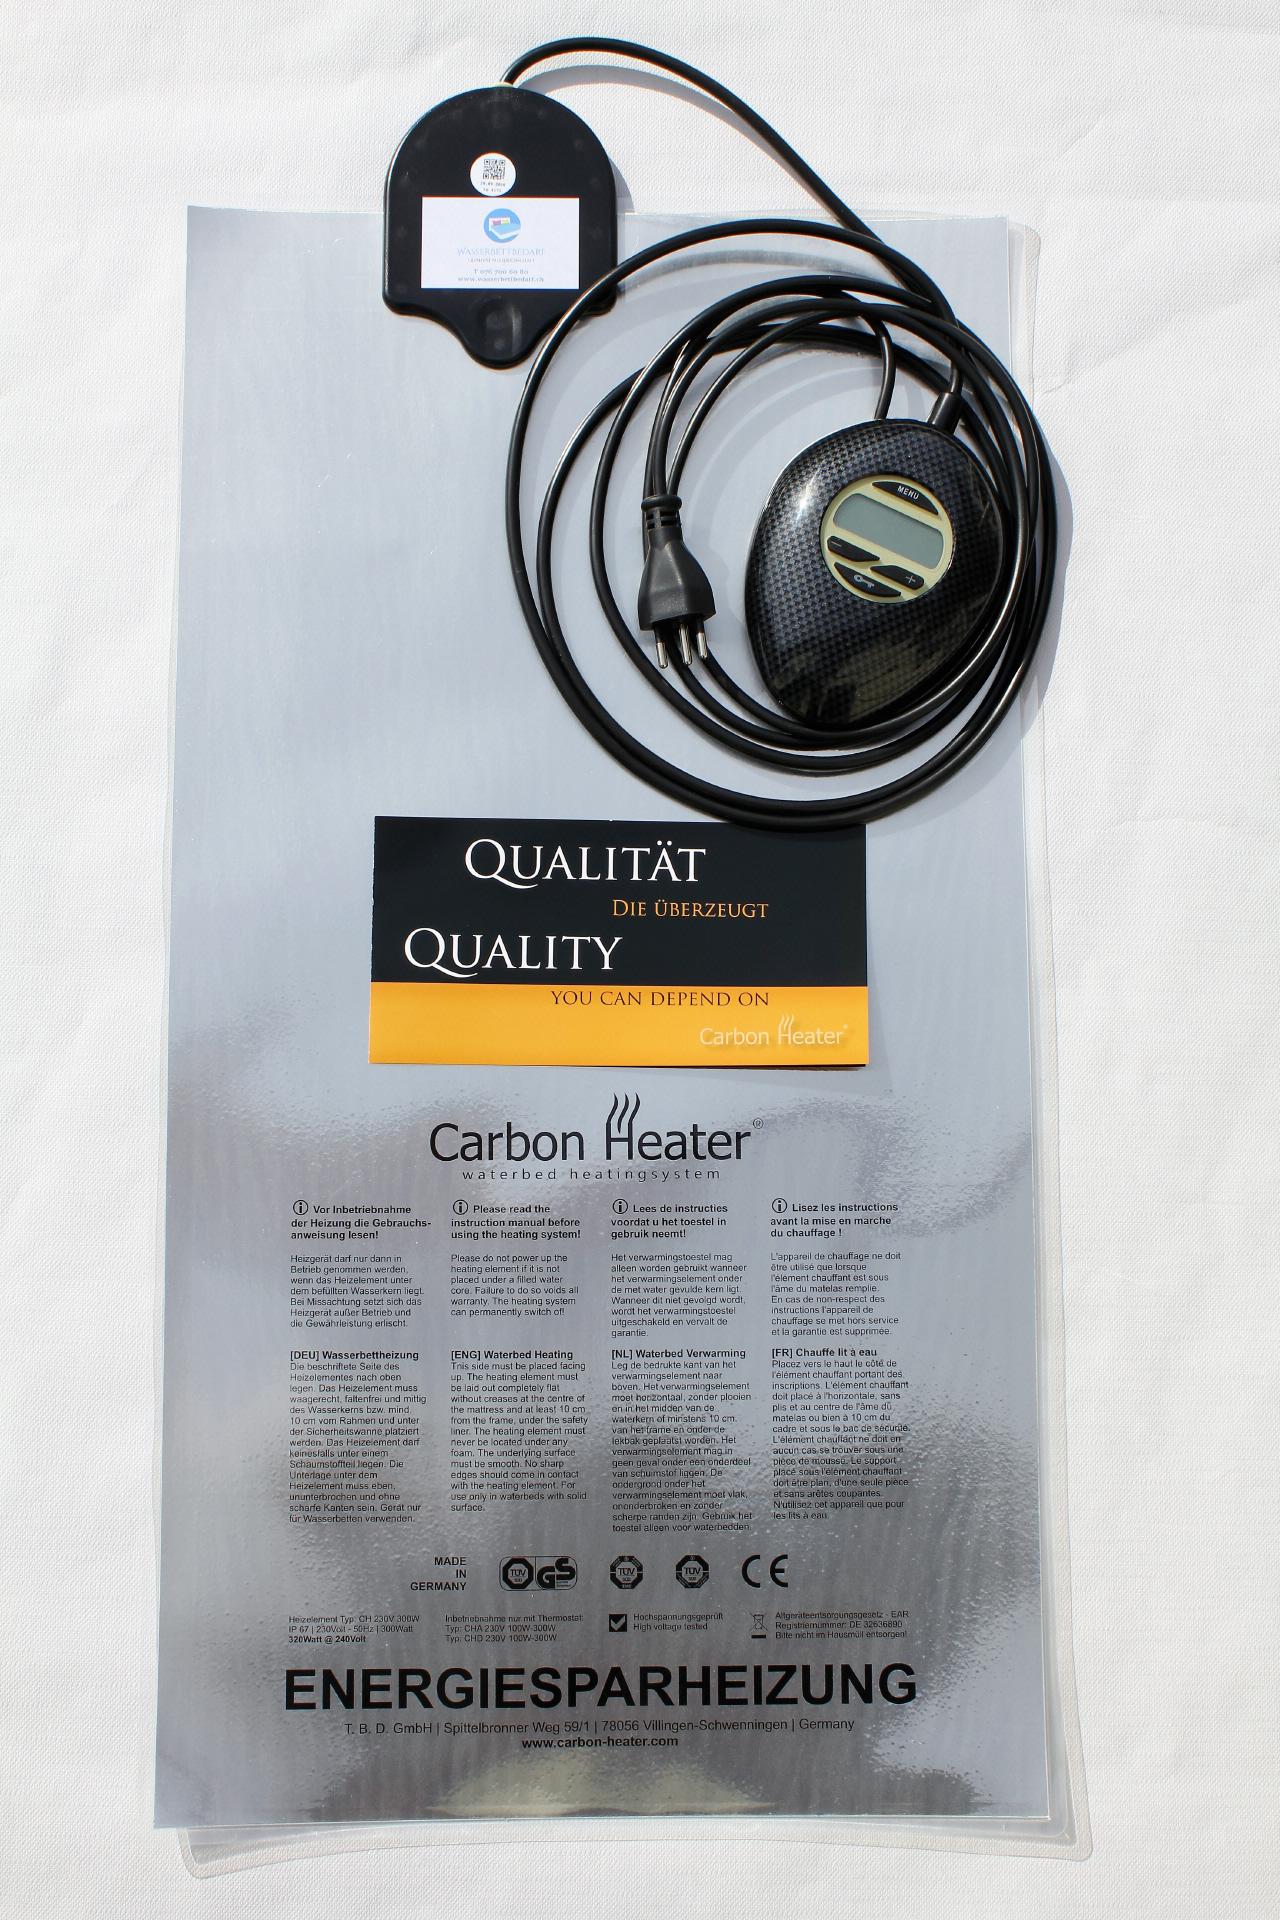 Verführerisch Wasserbettbedarf Referenz Von Carbon Heater Iq Digital 320w (wärmesystem)